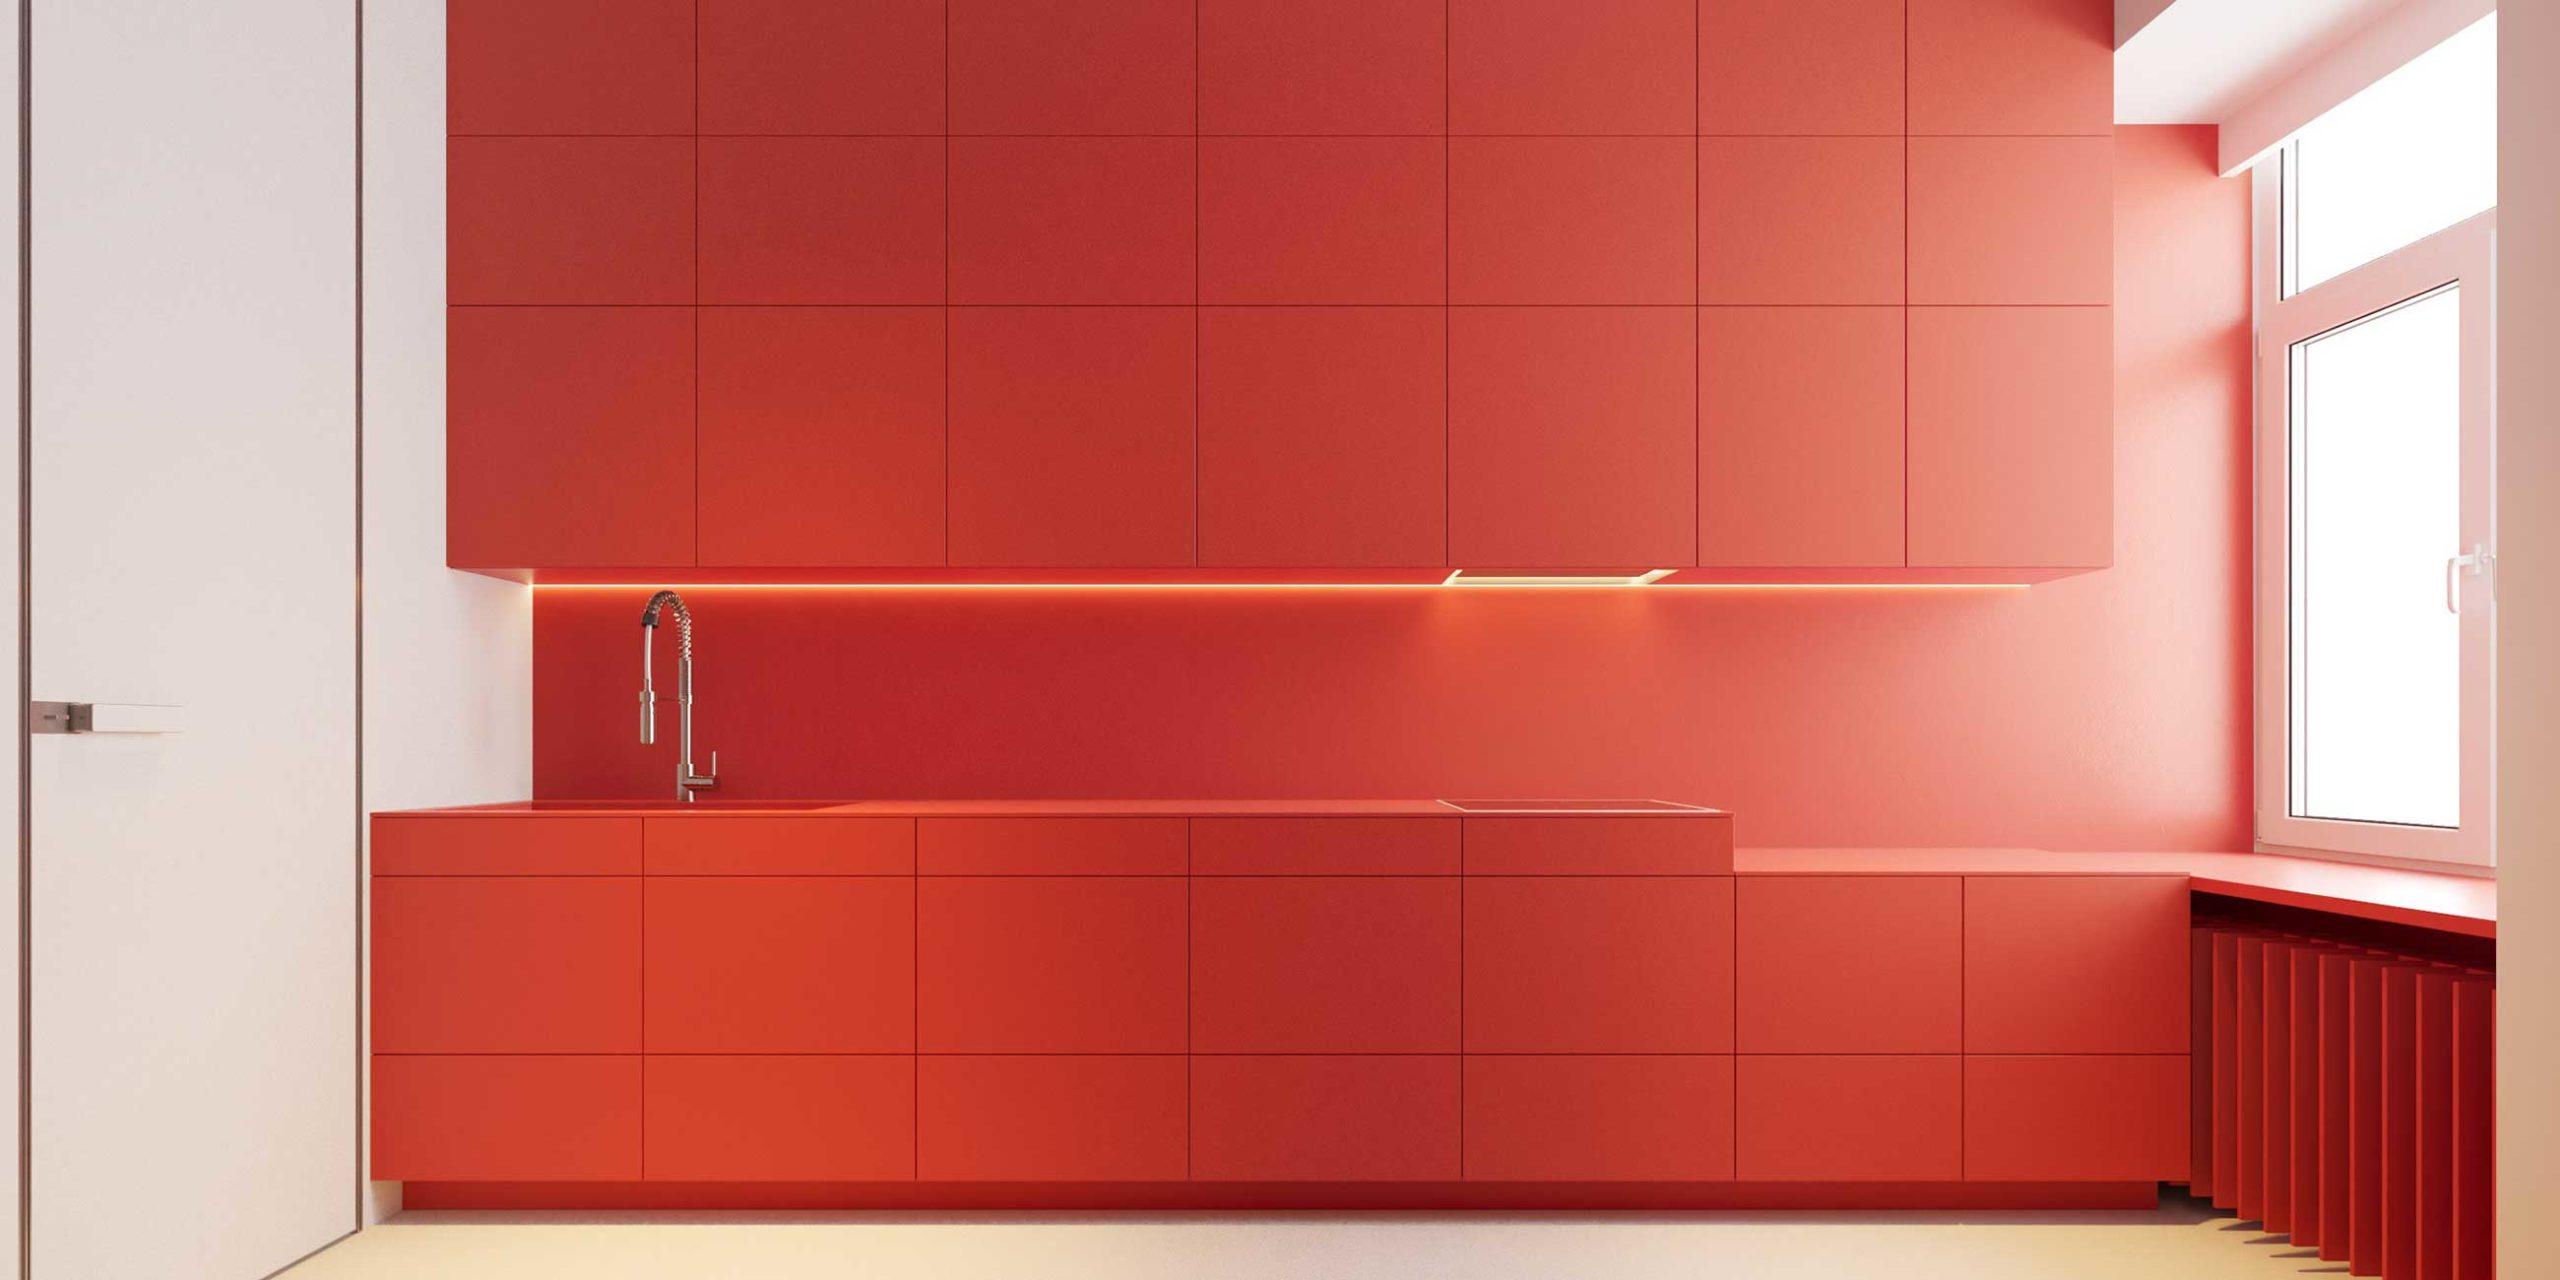 Une cuisine minimaliste dotée de nombreux rangements avec des couleurs vives